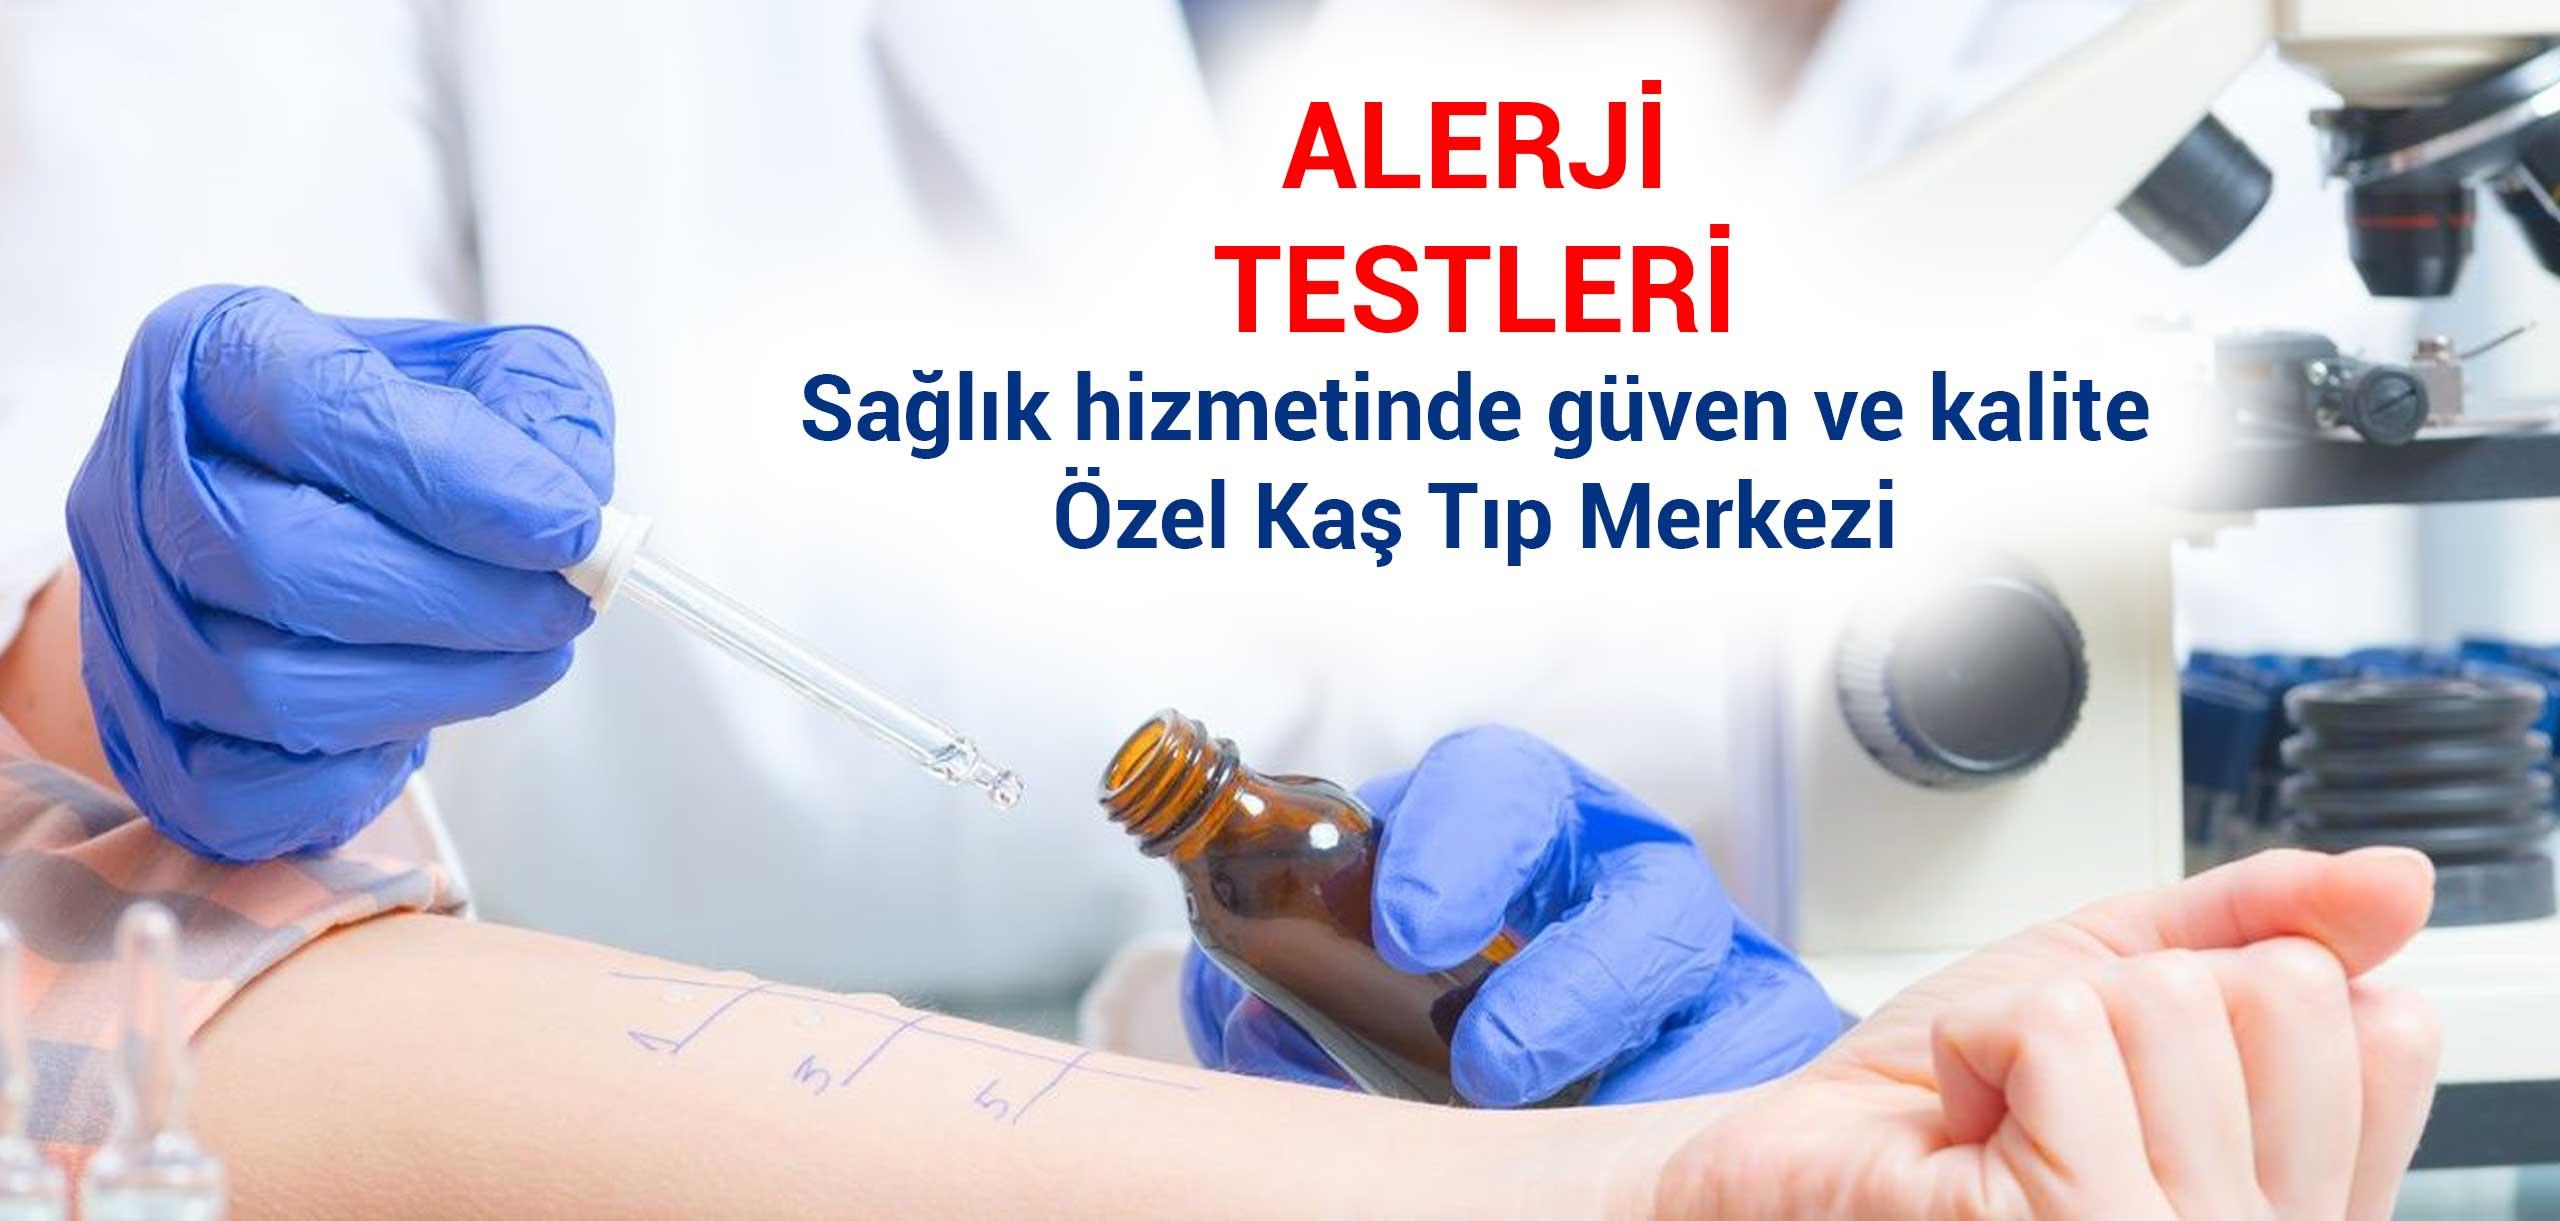 alerji testleri